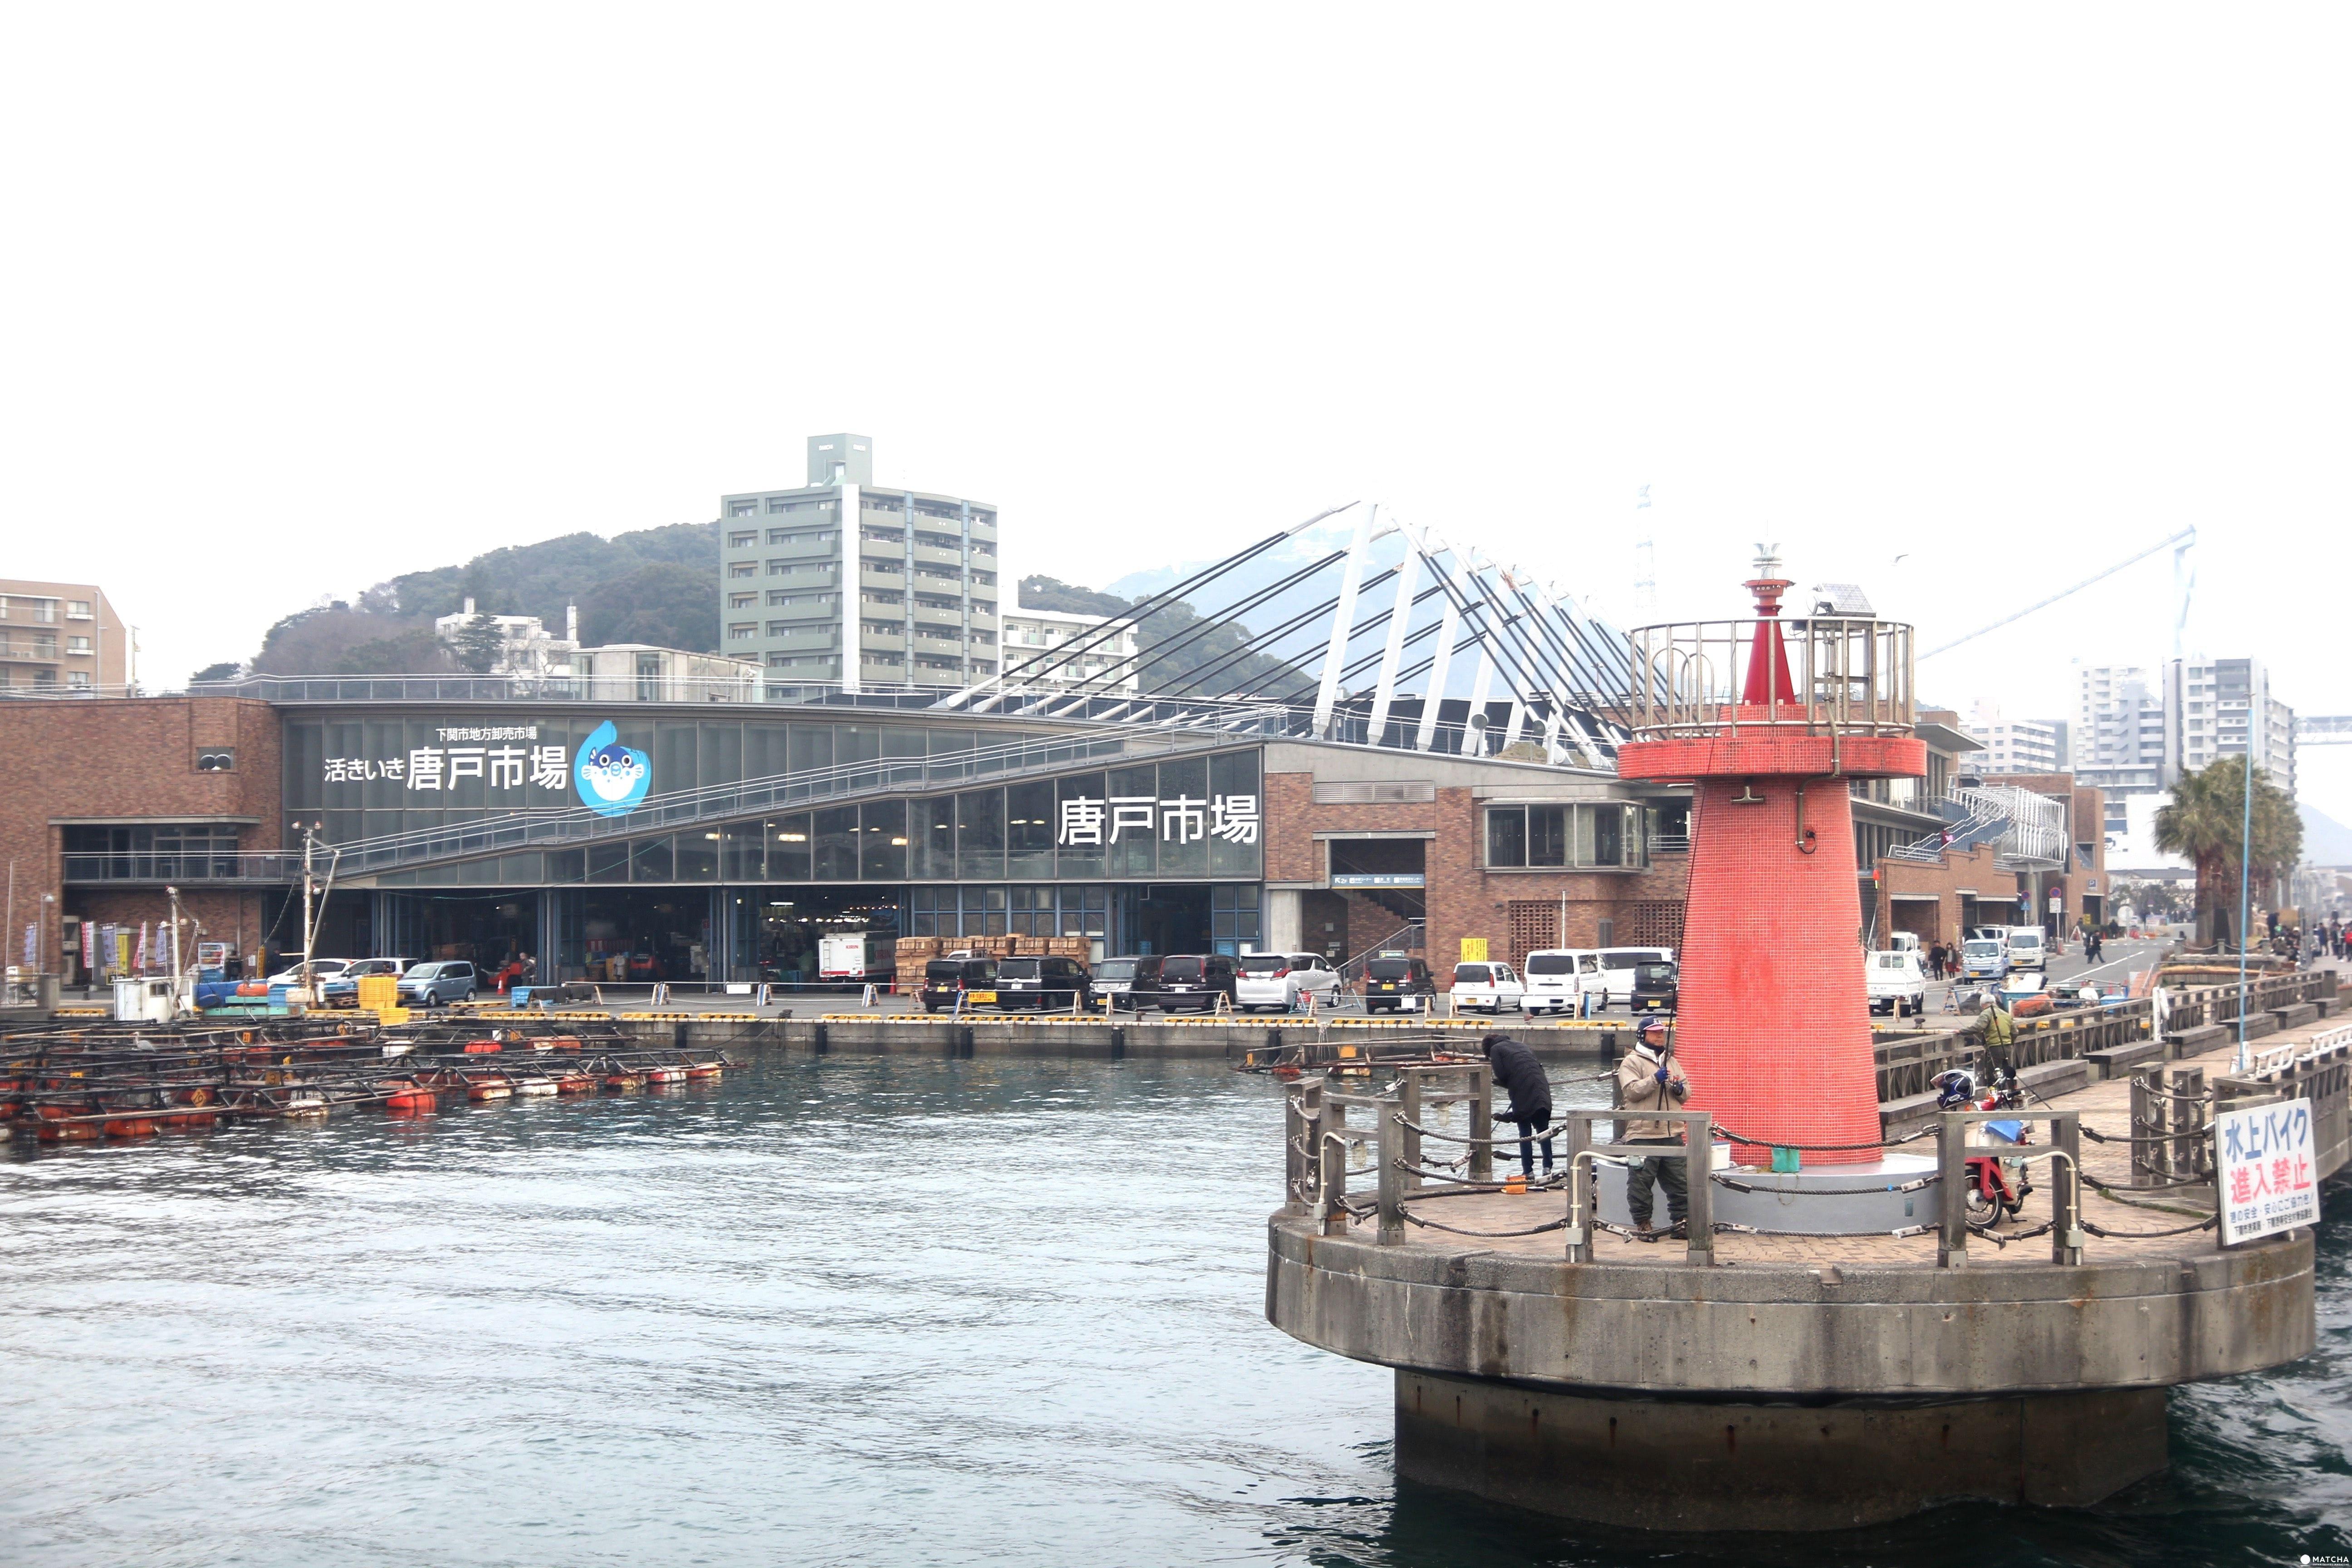 只要五分鐘,讓你享盡本州與九州的港都觀光風情:搭快艇穿越關門海峽吧